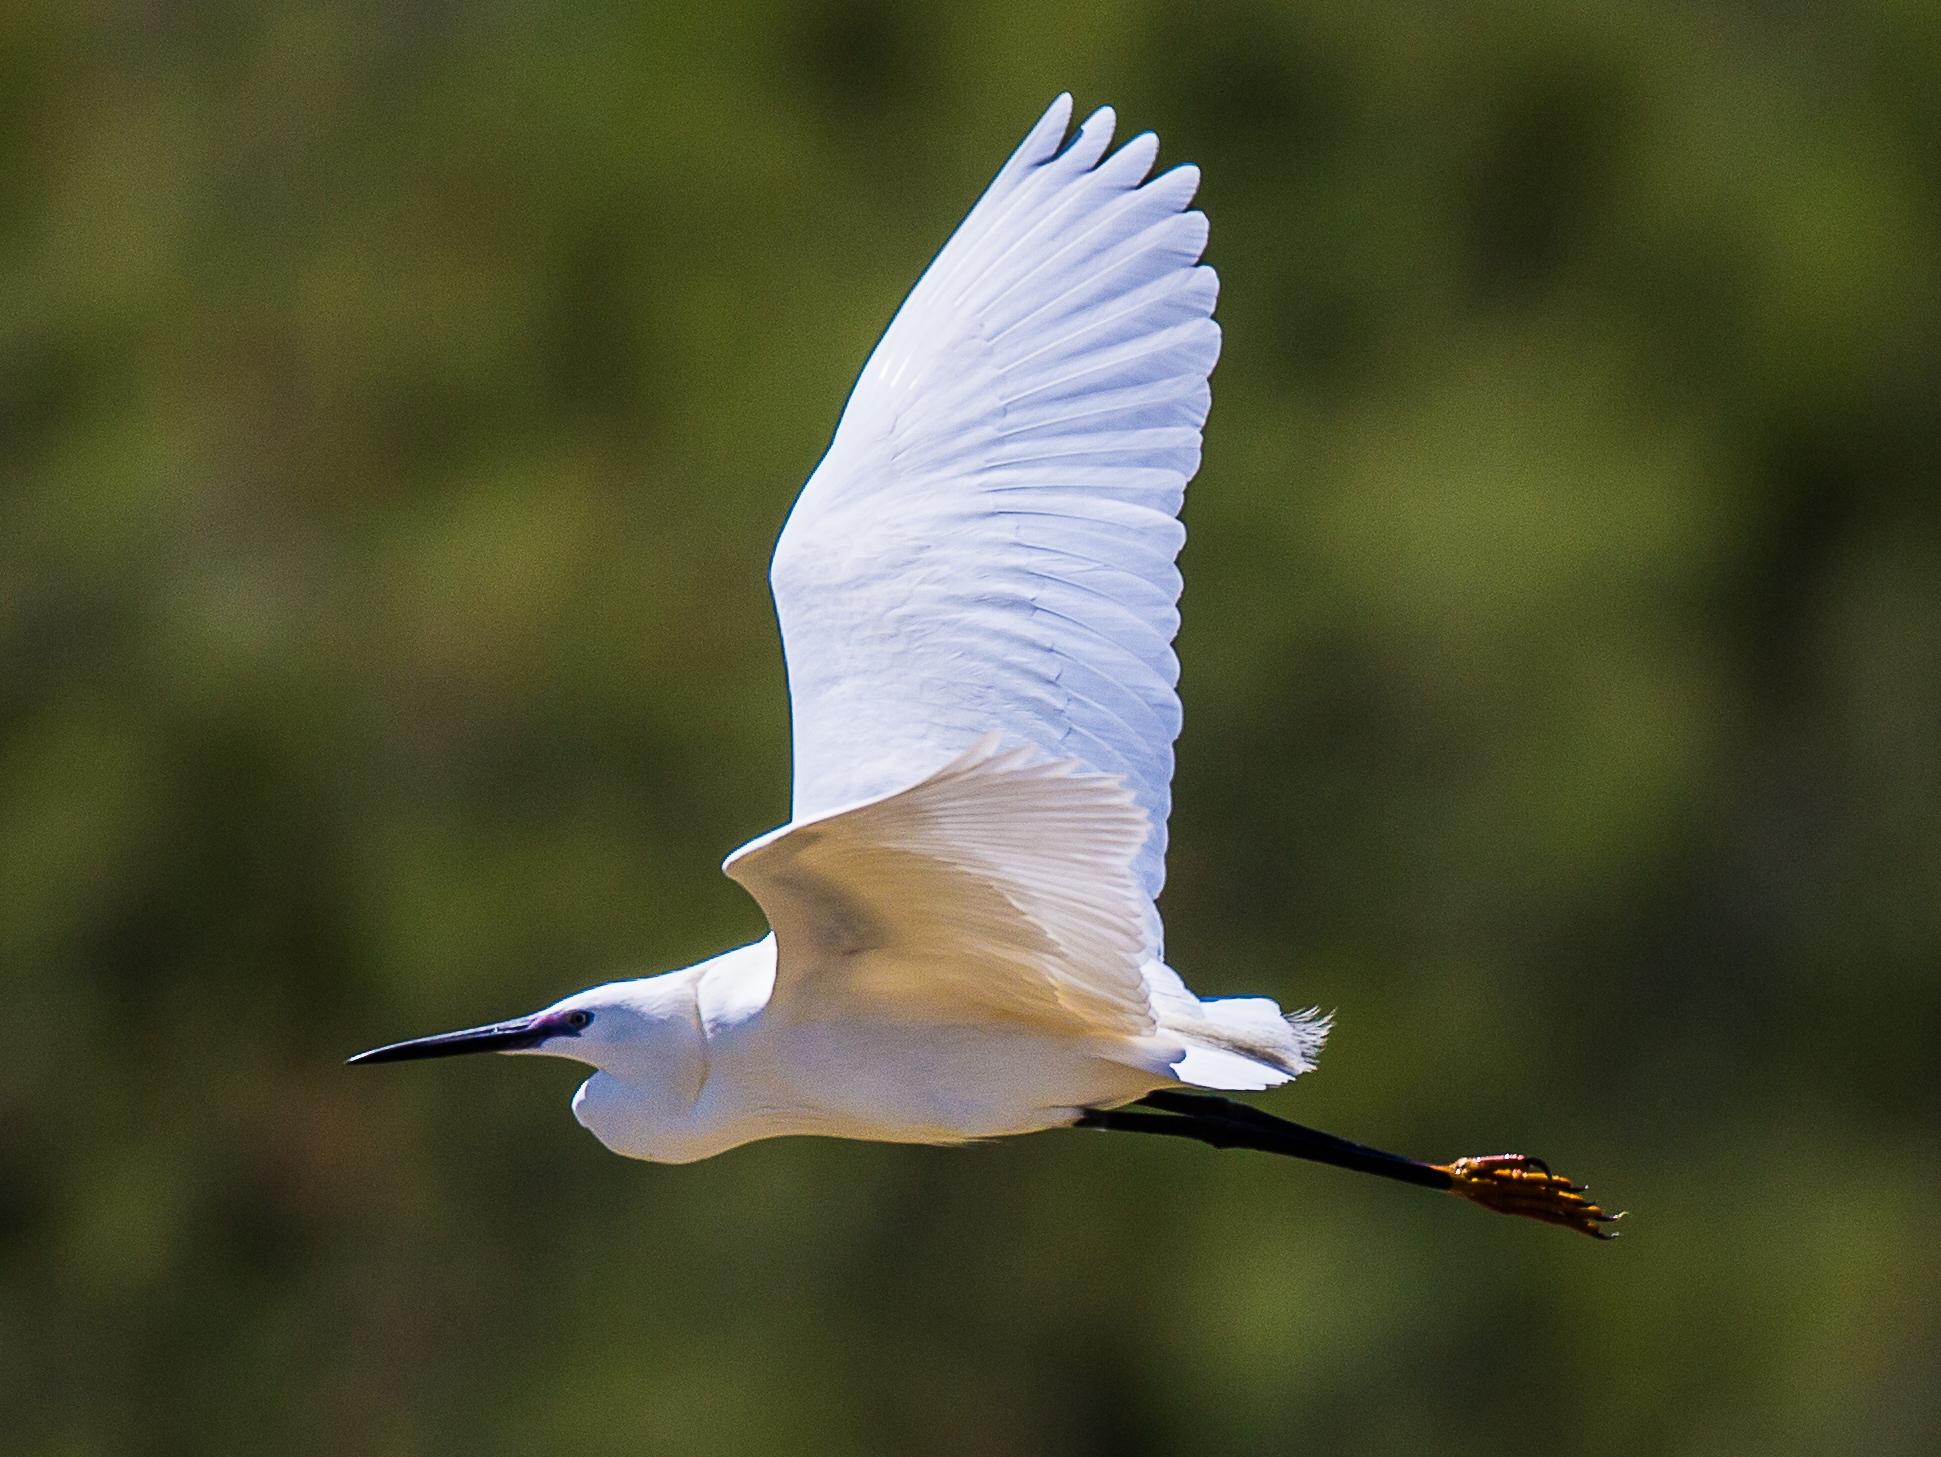 The flight of the Eggonet...